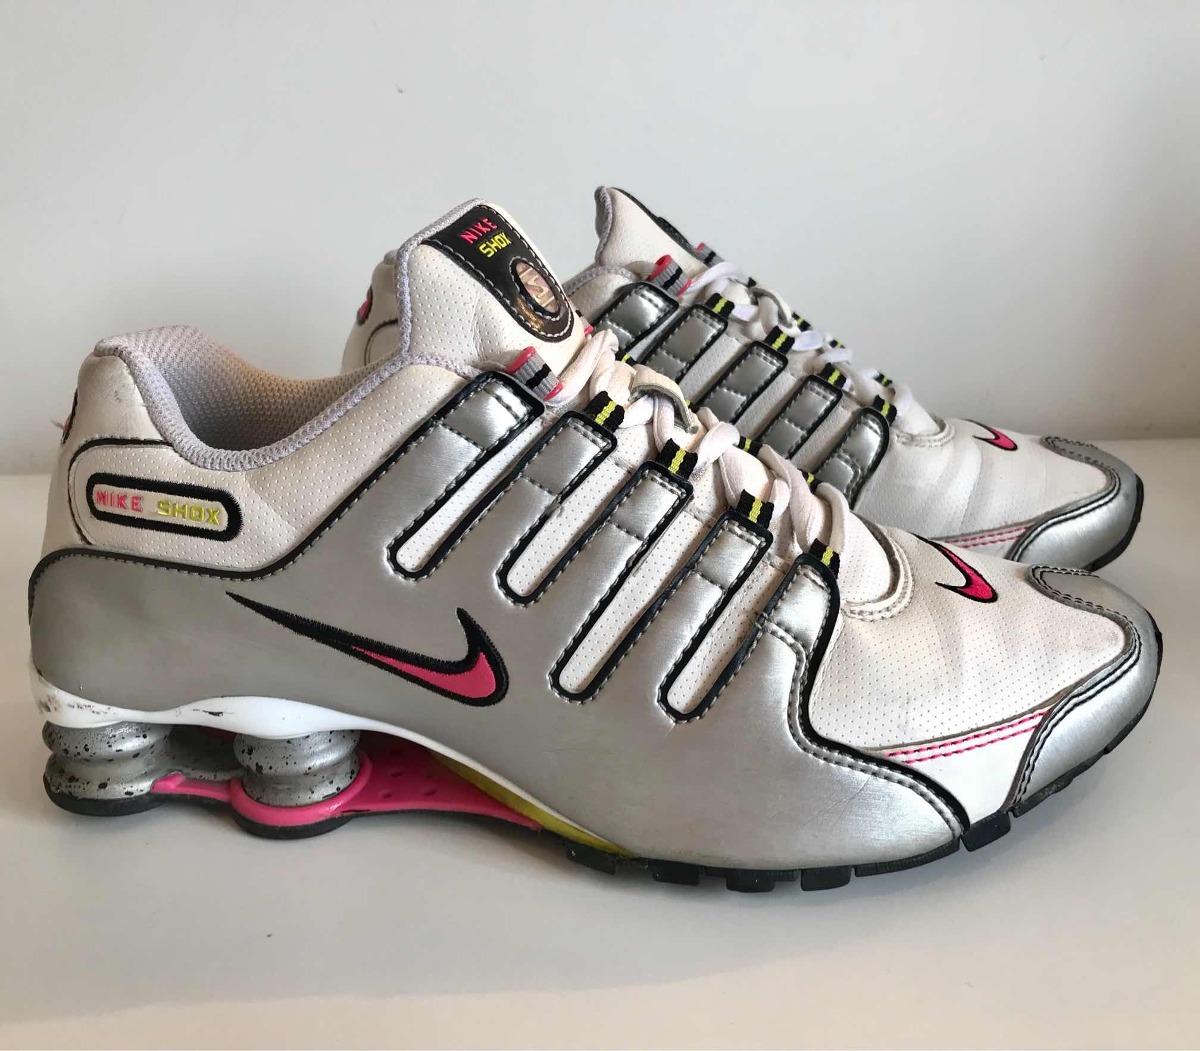 8566170d19c tênis nike shox feminino - original! Carregando zoom.